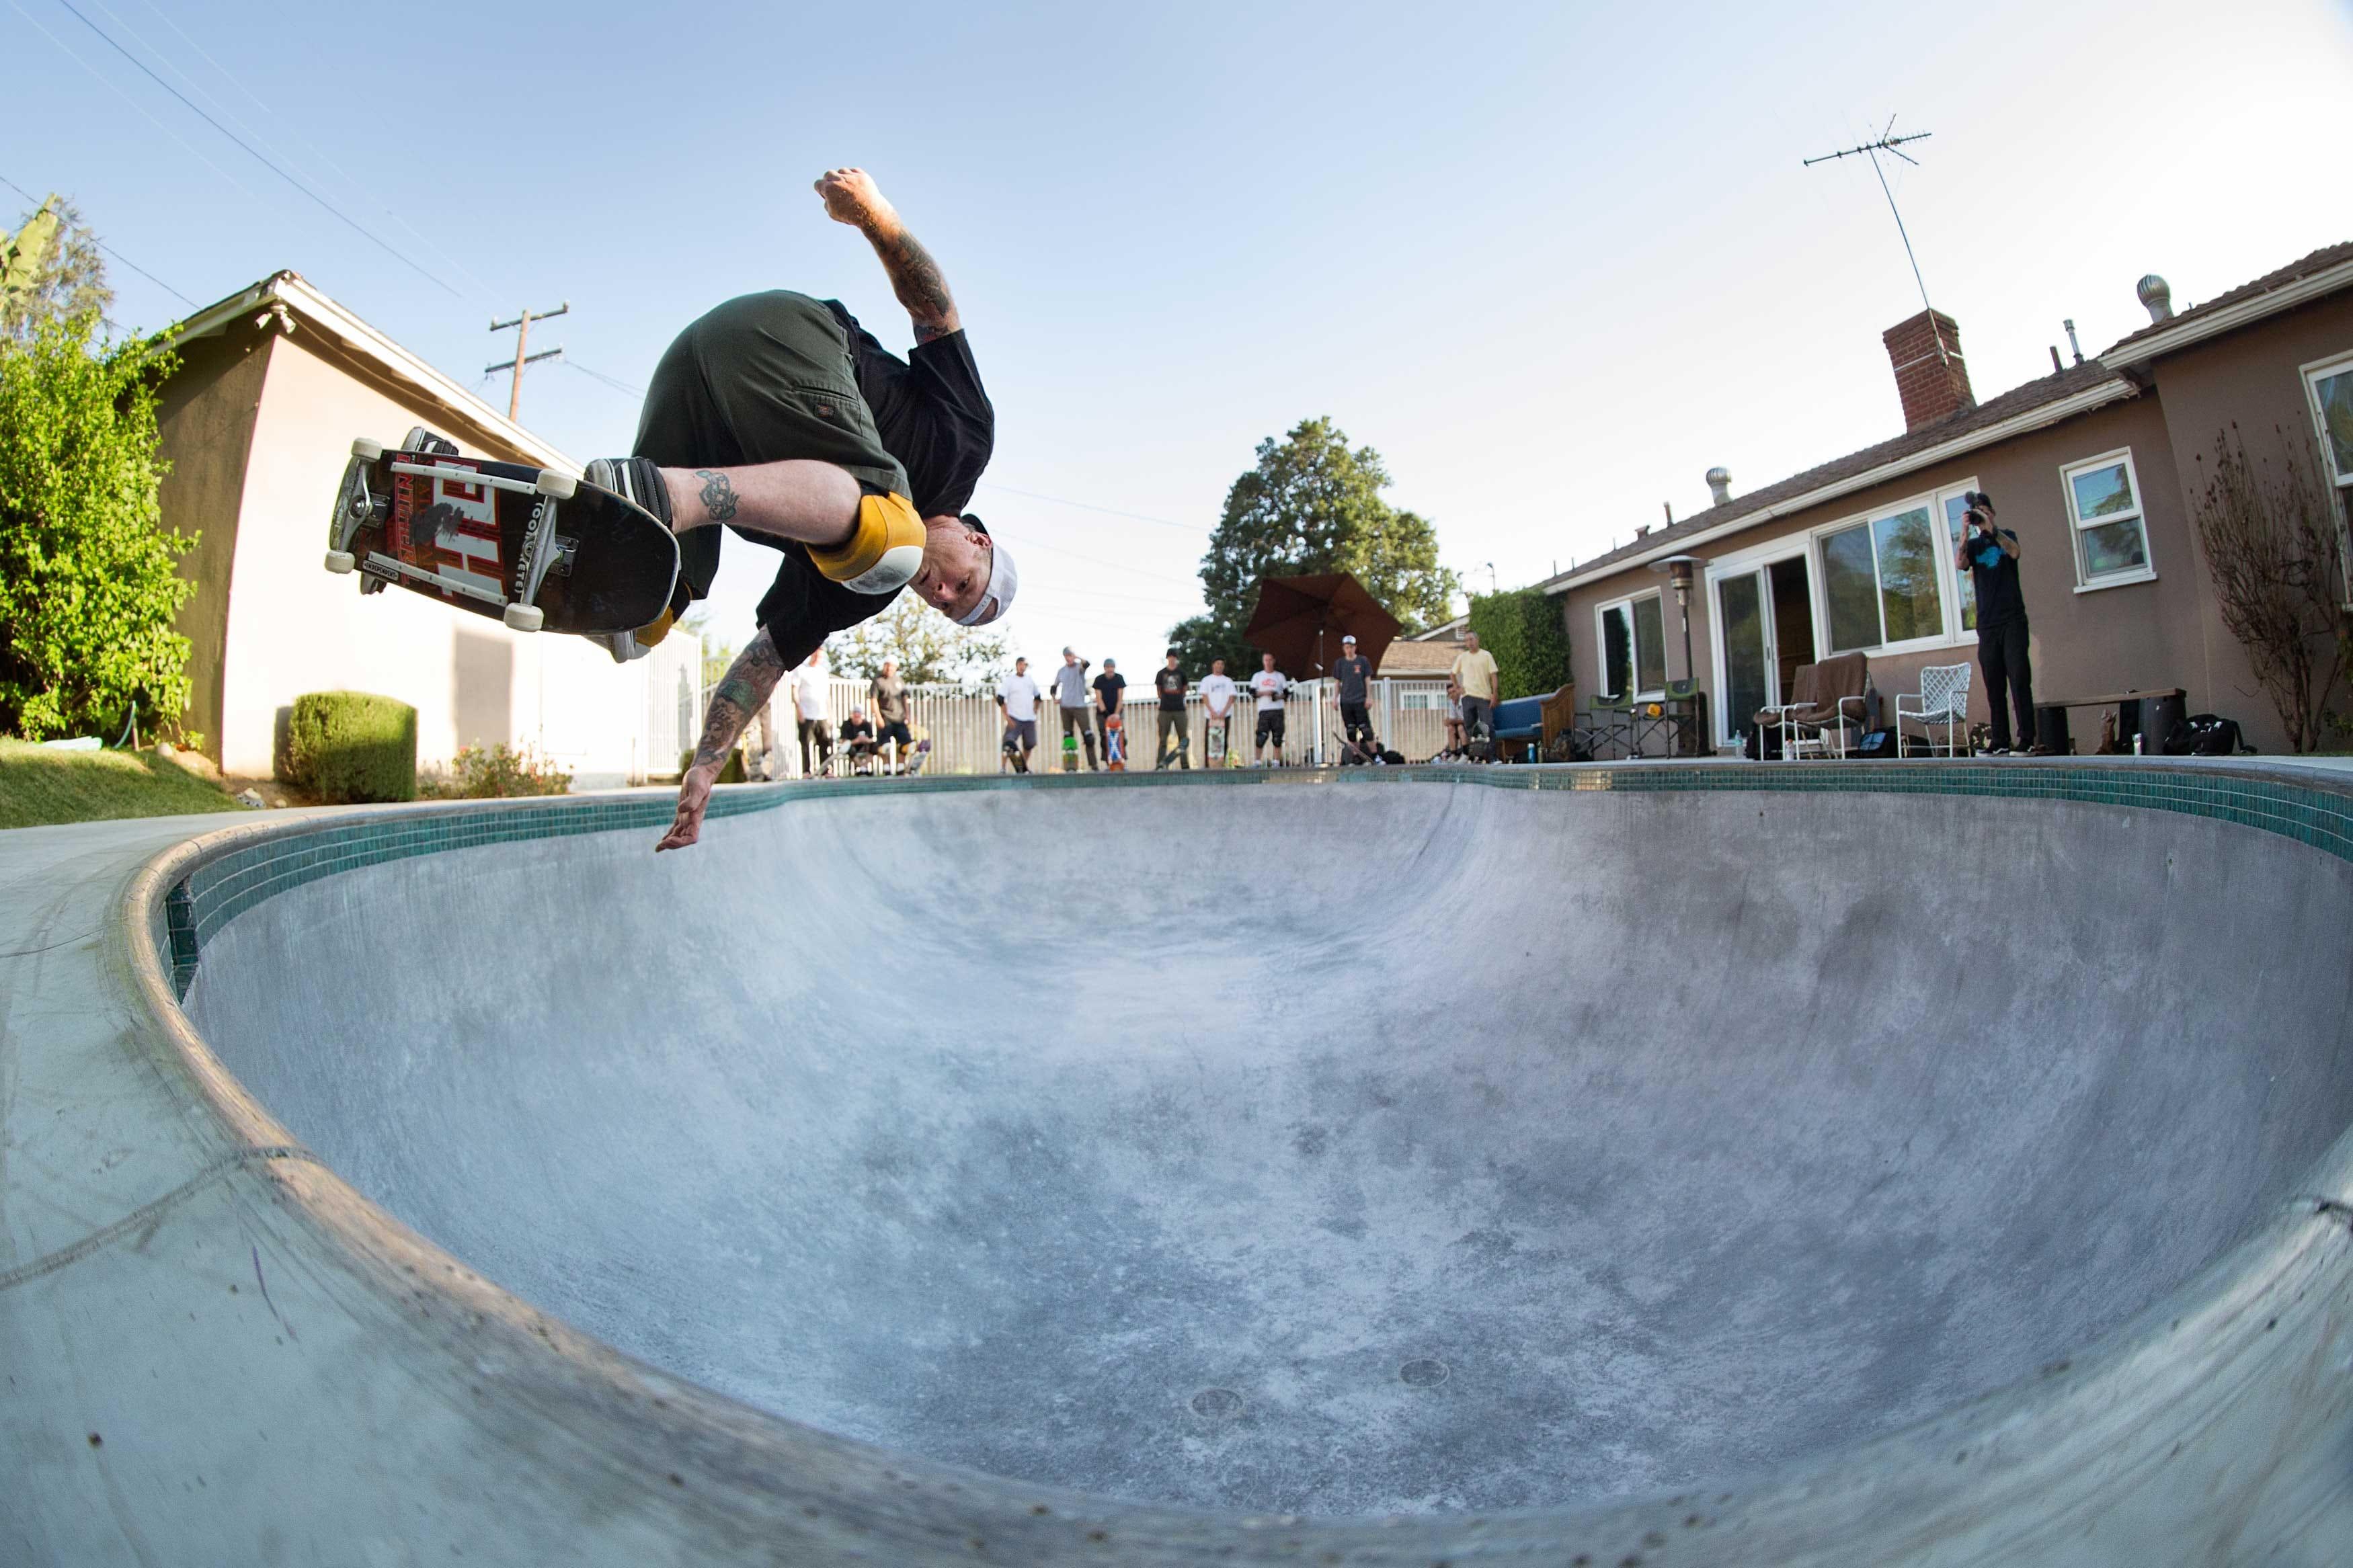 vans 2015 skate video